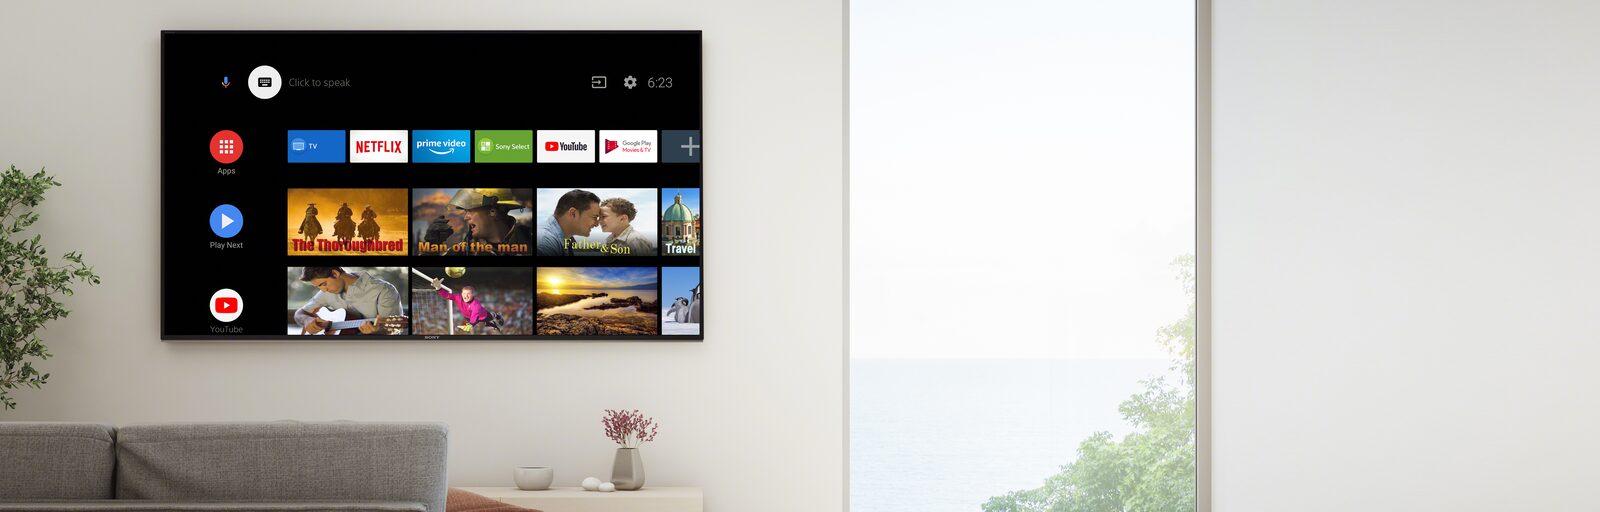 قیمت تلویزیون اندرویدی سونی مدل X8007H